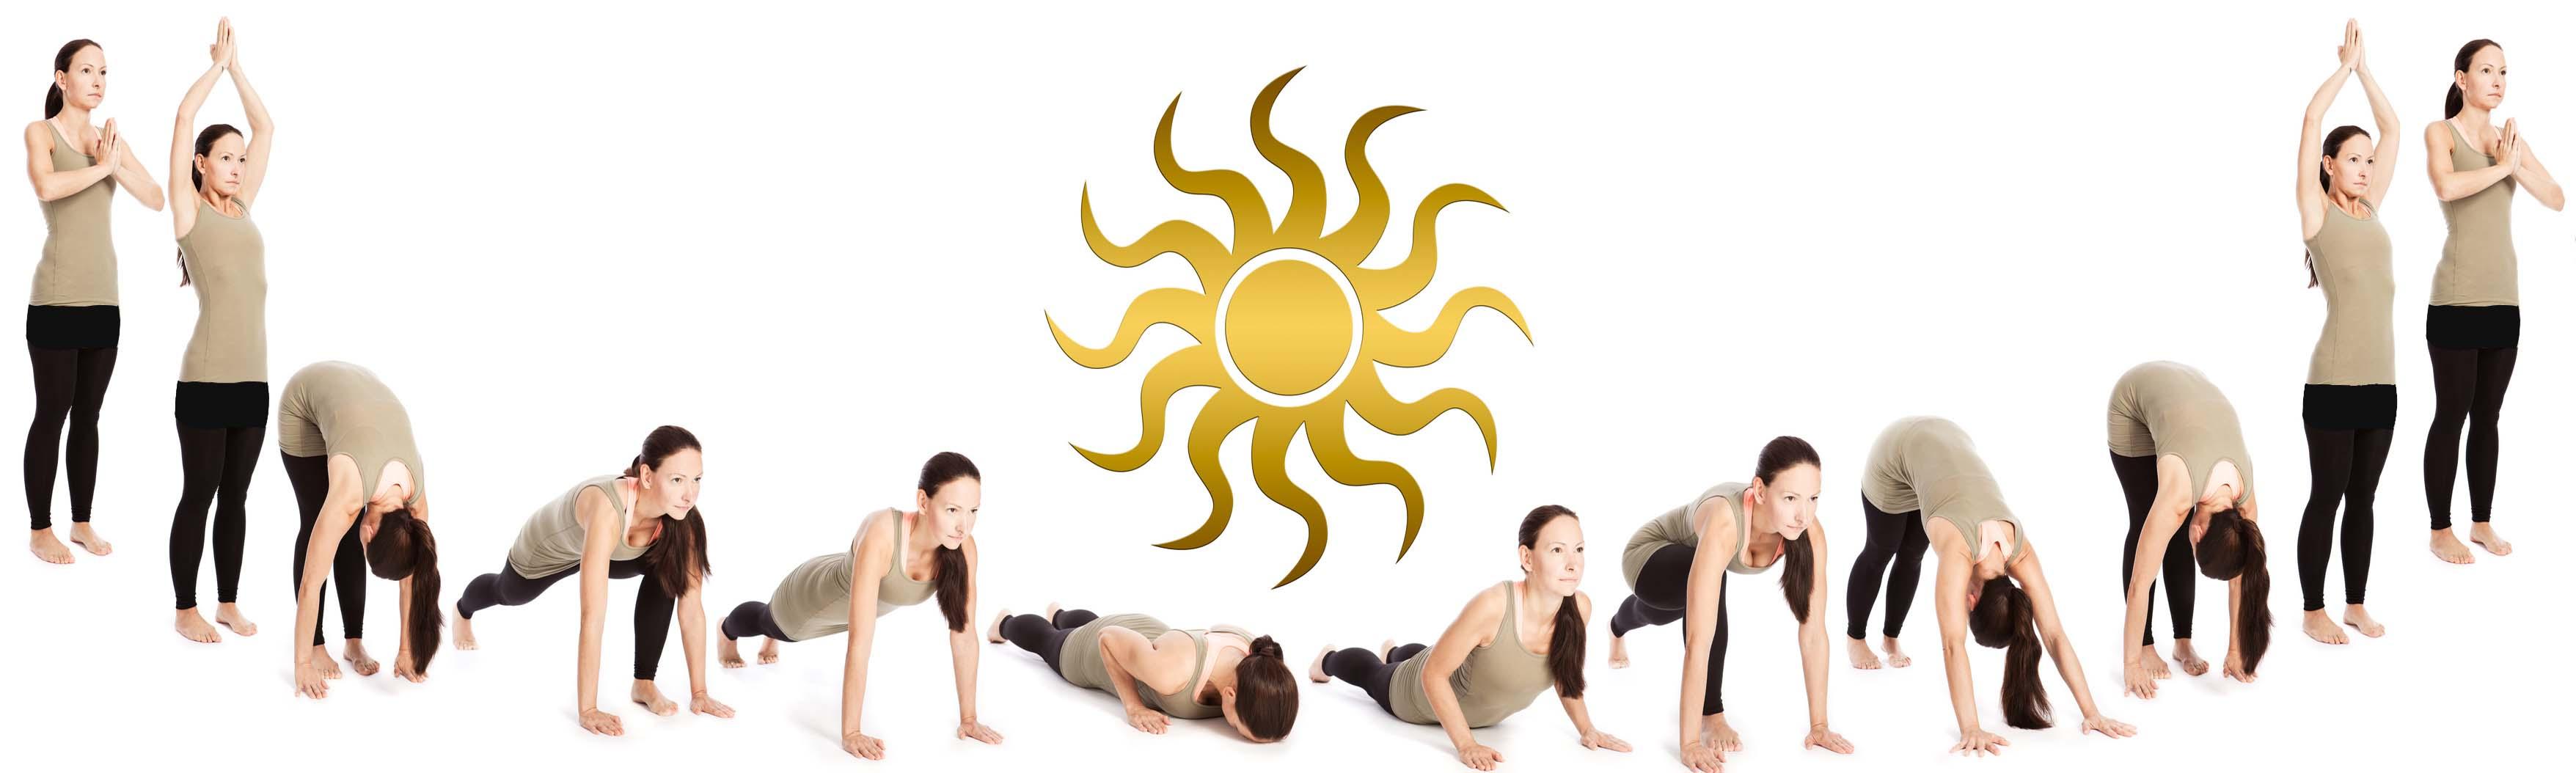 Ablauffolge des Sonnengrußes mit Sonnensymbol, surya namaskar